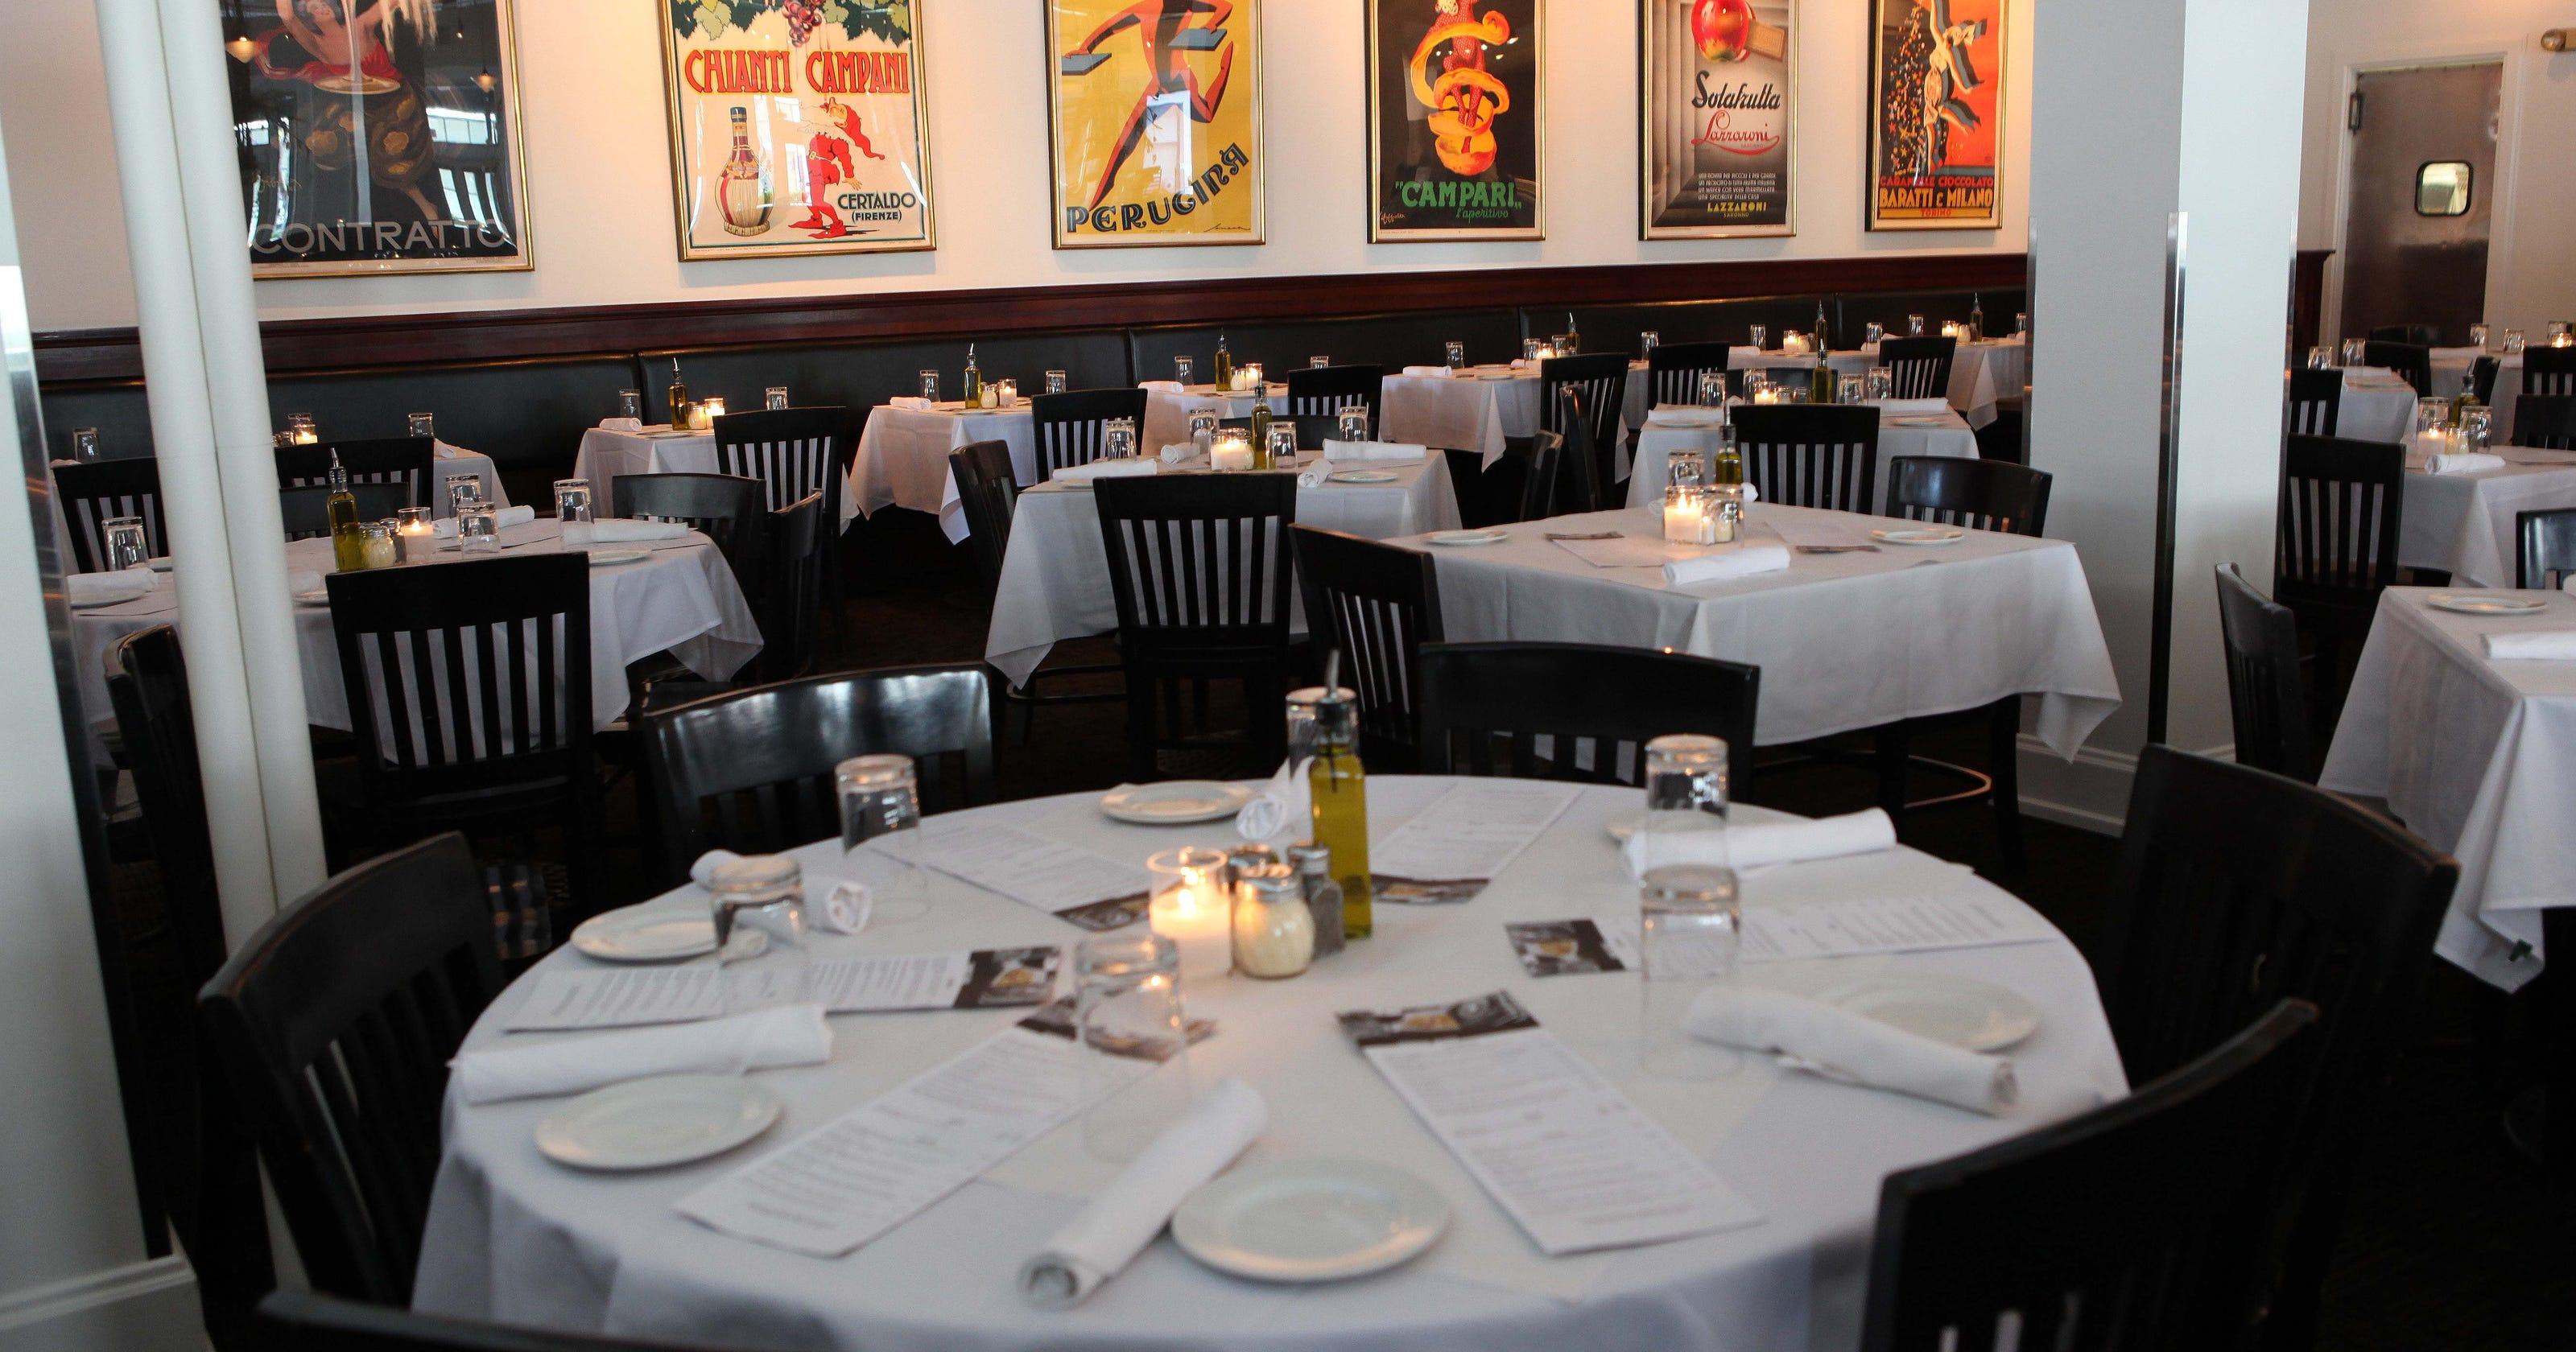 Centro Named Best Restaurant In Iowa